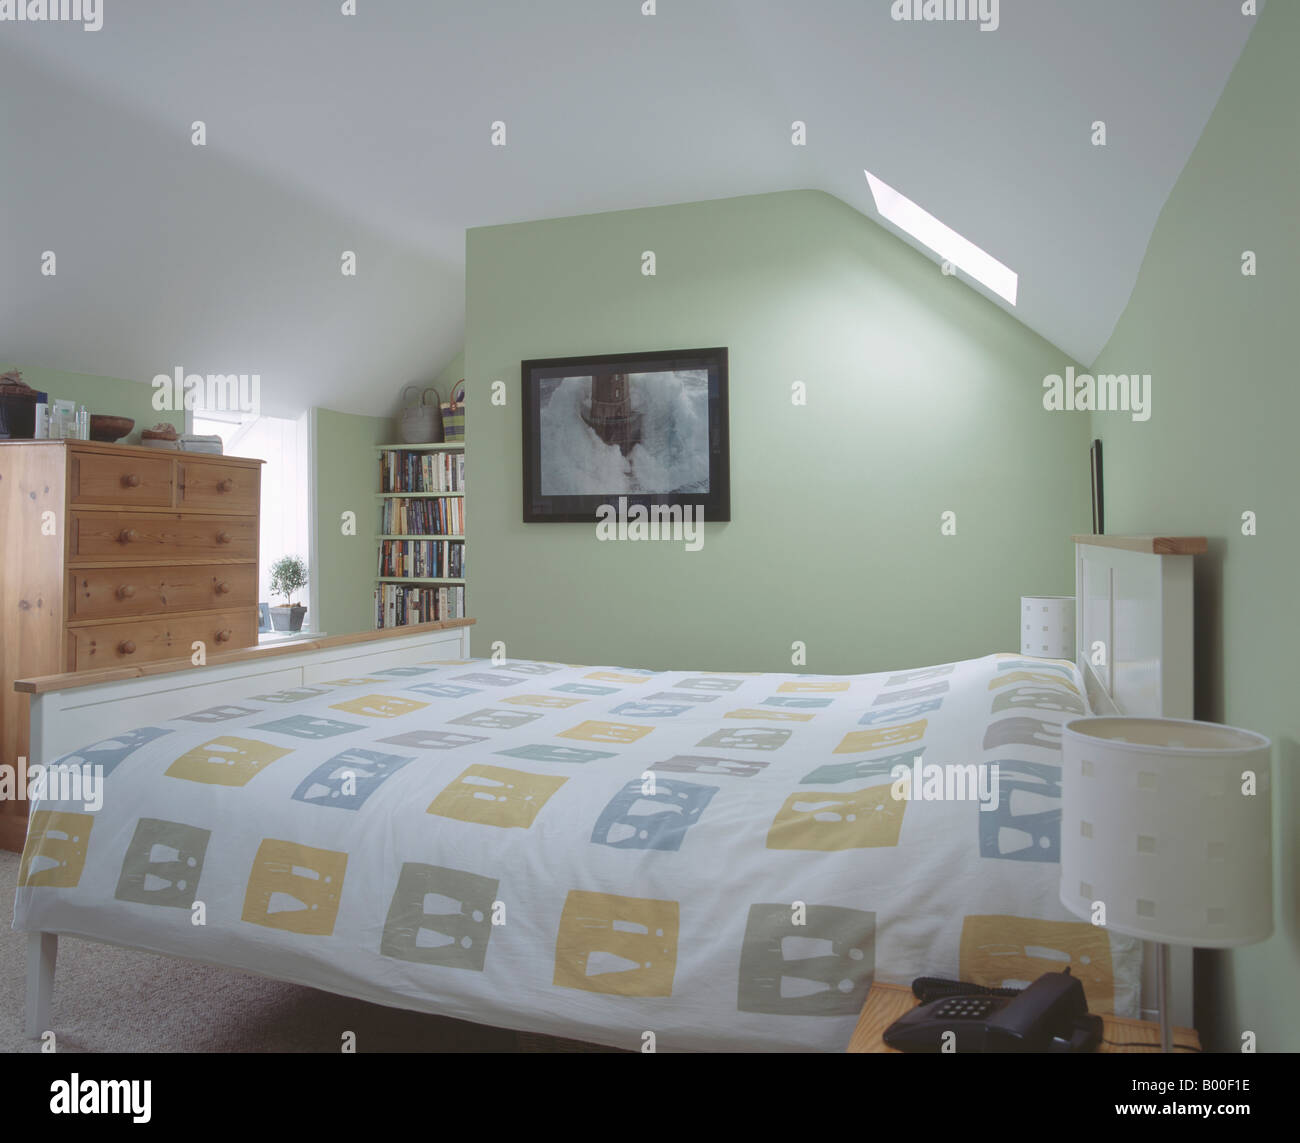 Abstrakte Gemusterten Weissen Bettdecke In Pastell Grun Loft